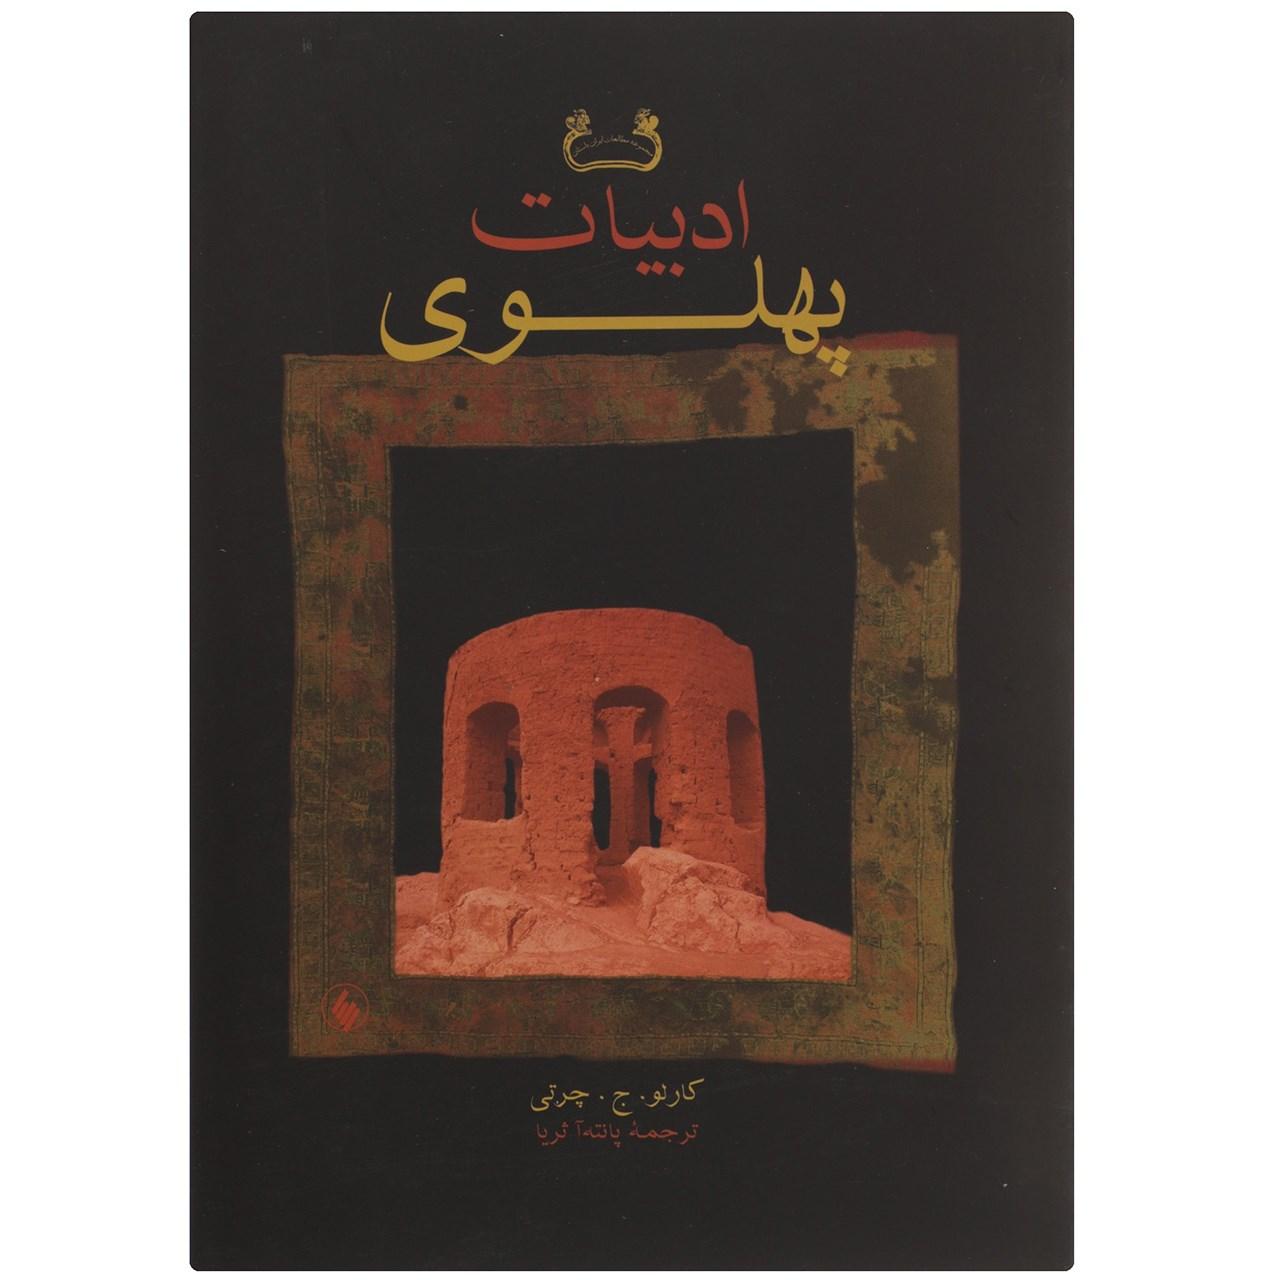 کتاب ادبیات پهلوی اثر کارلو چرتی